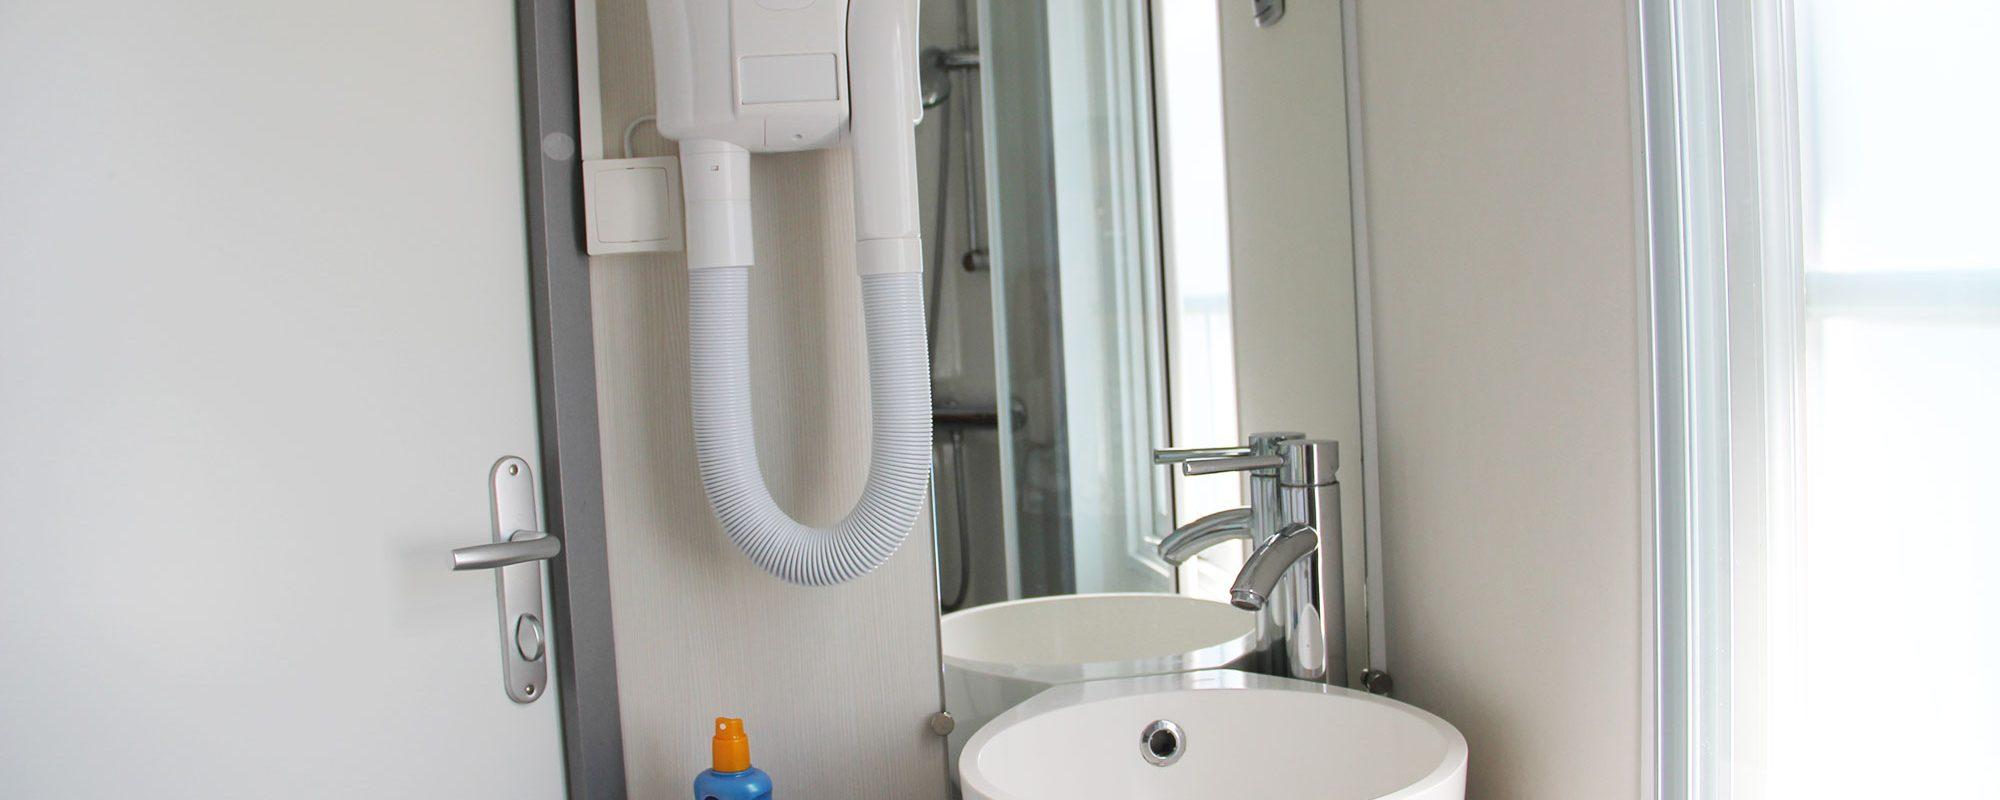 Location de mobilhome pêcheur Loire Atlantique : salles d'eau